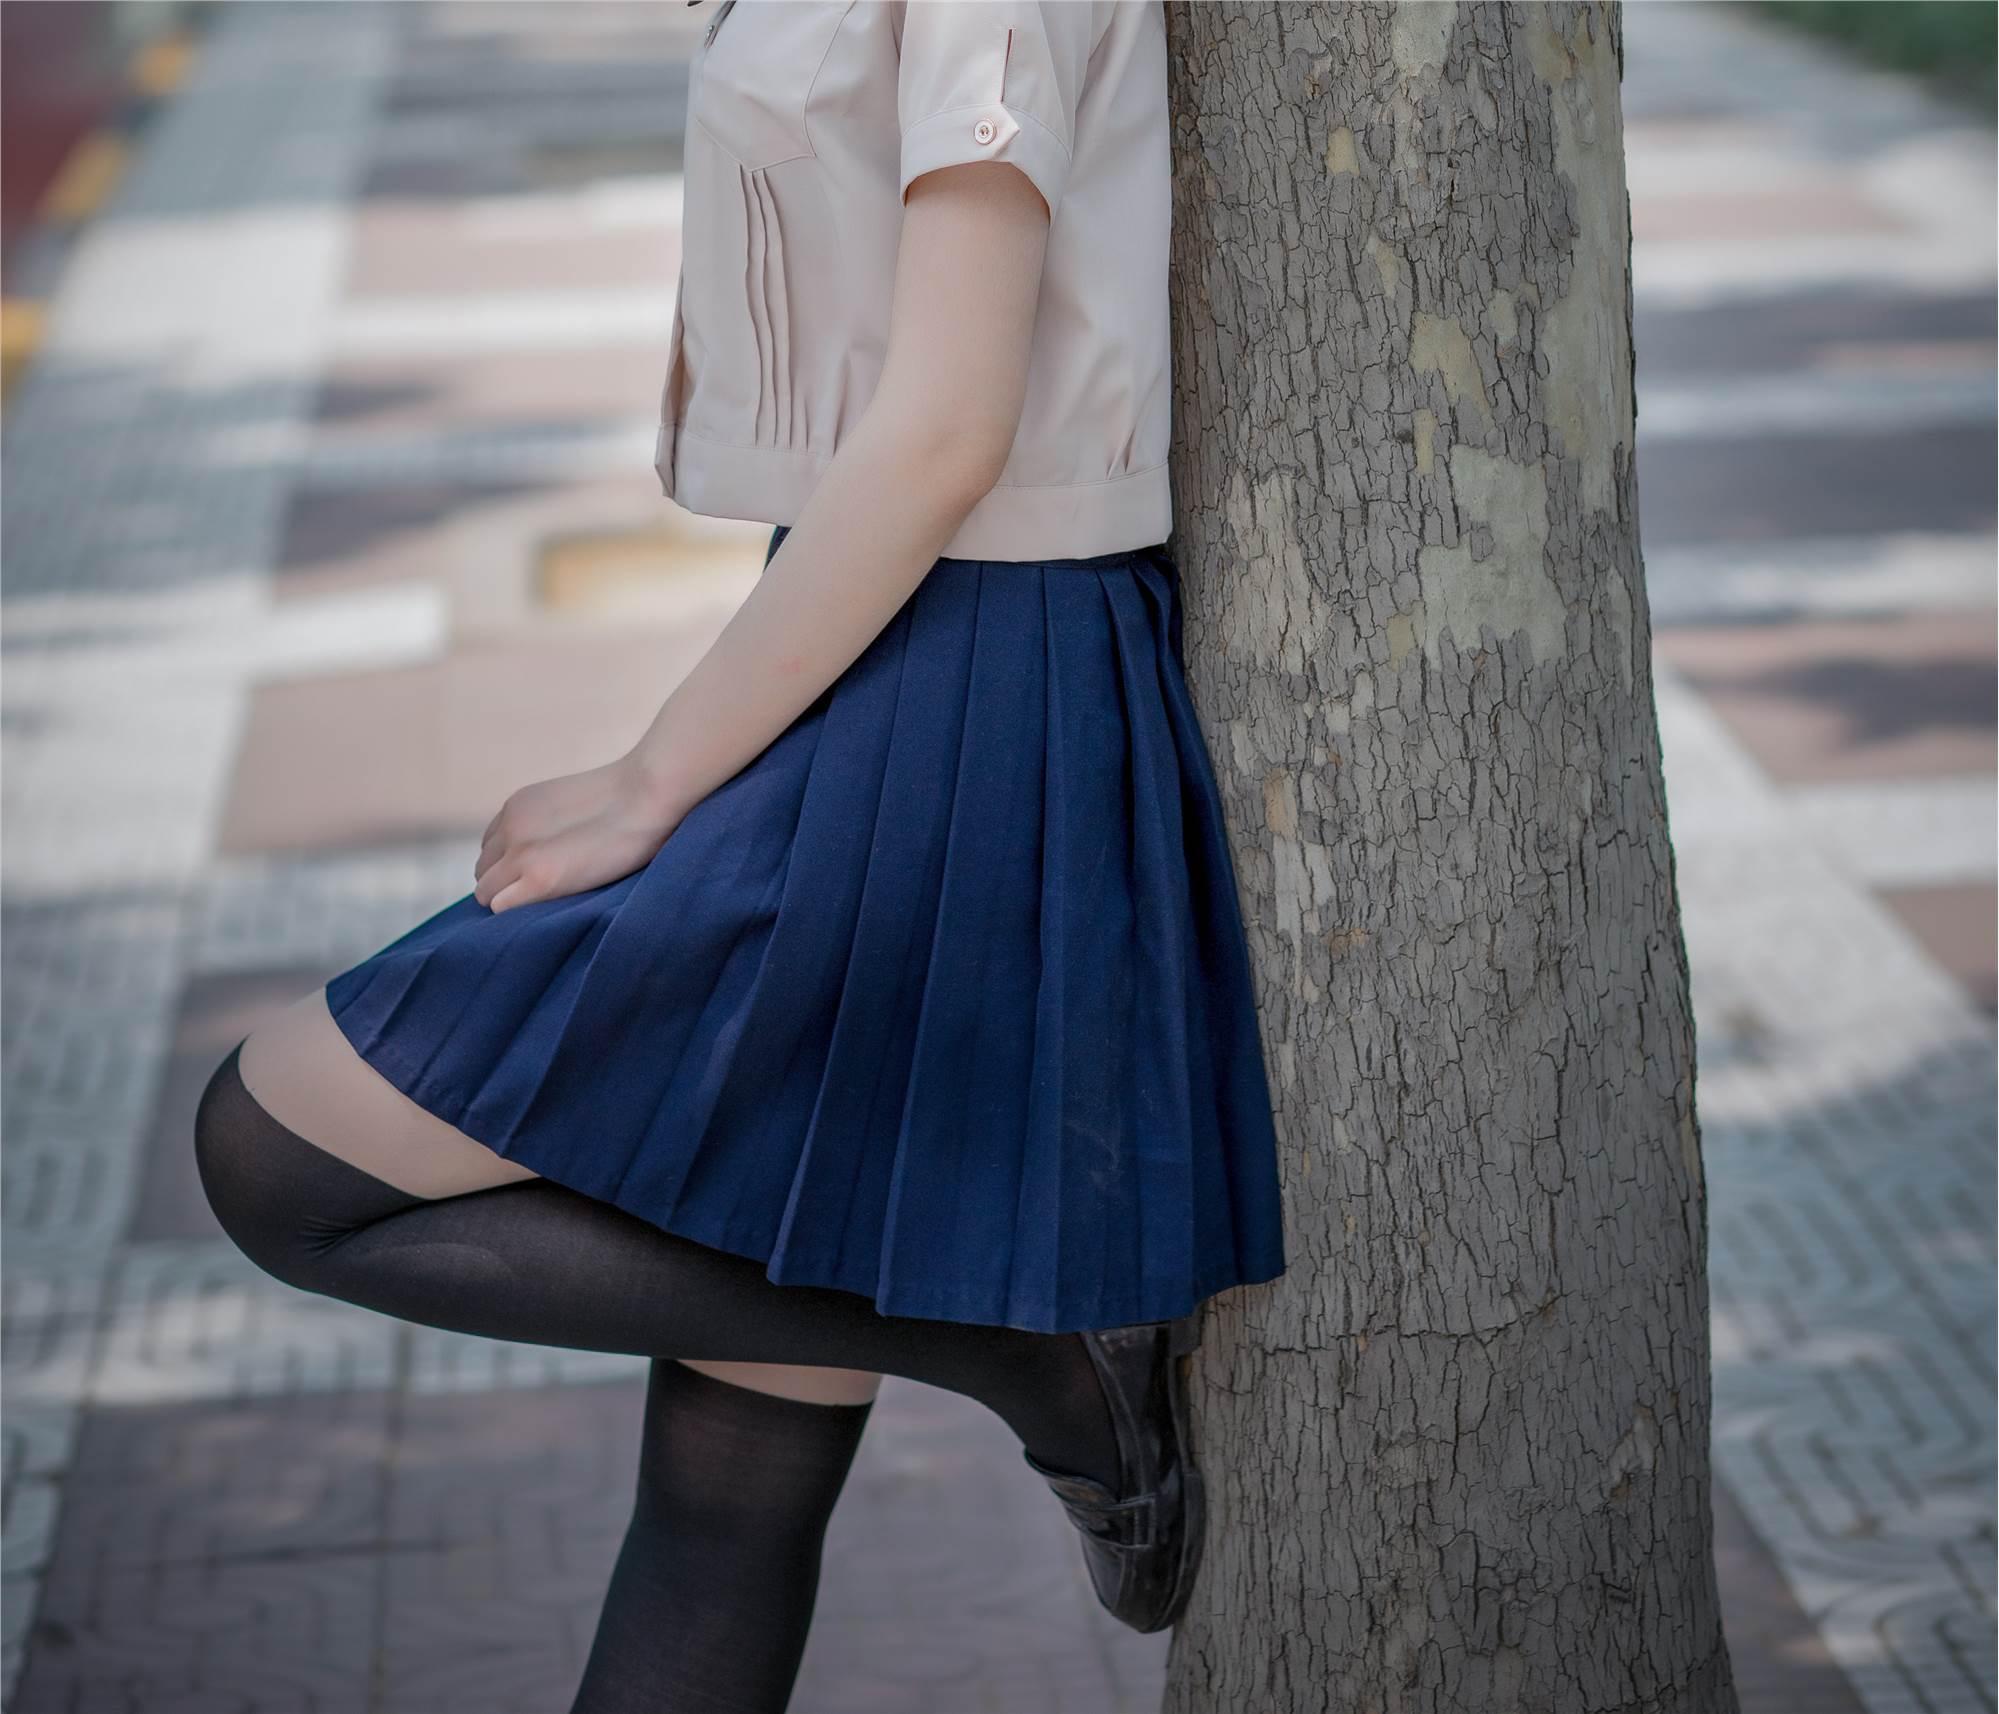 【领域少女】黑丝每日福利05-02